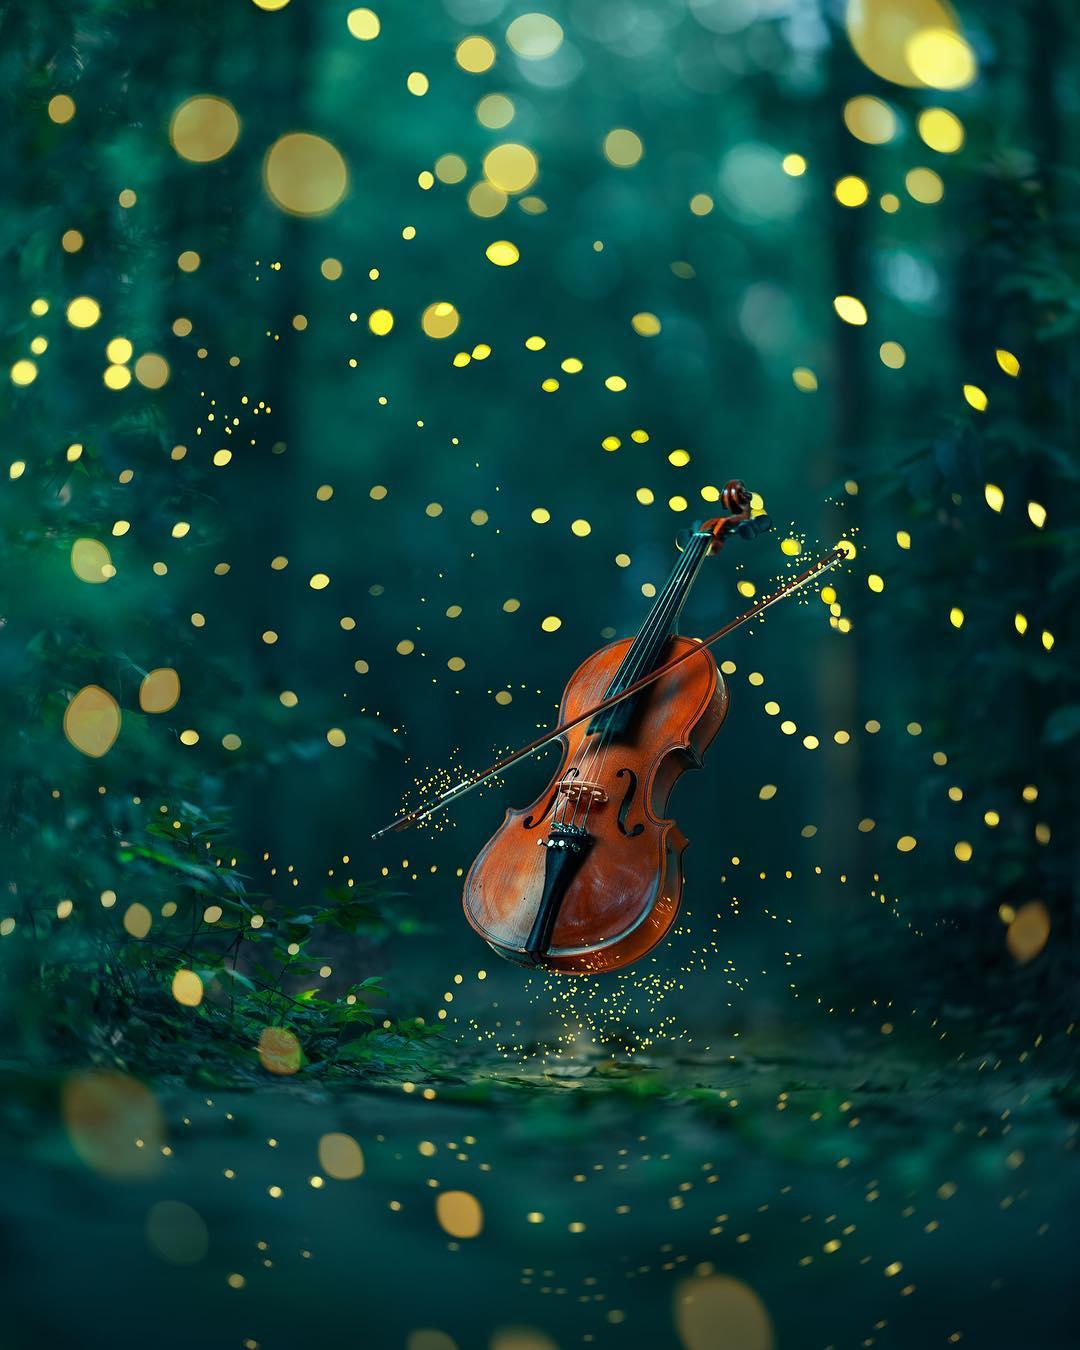 Волшебные макроснимки от Ашрафула Арефина